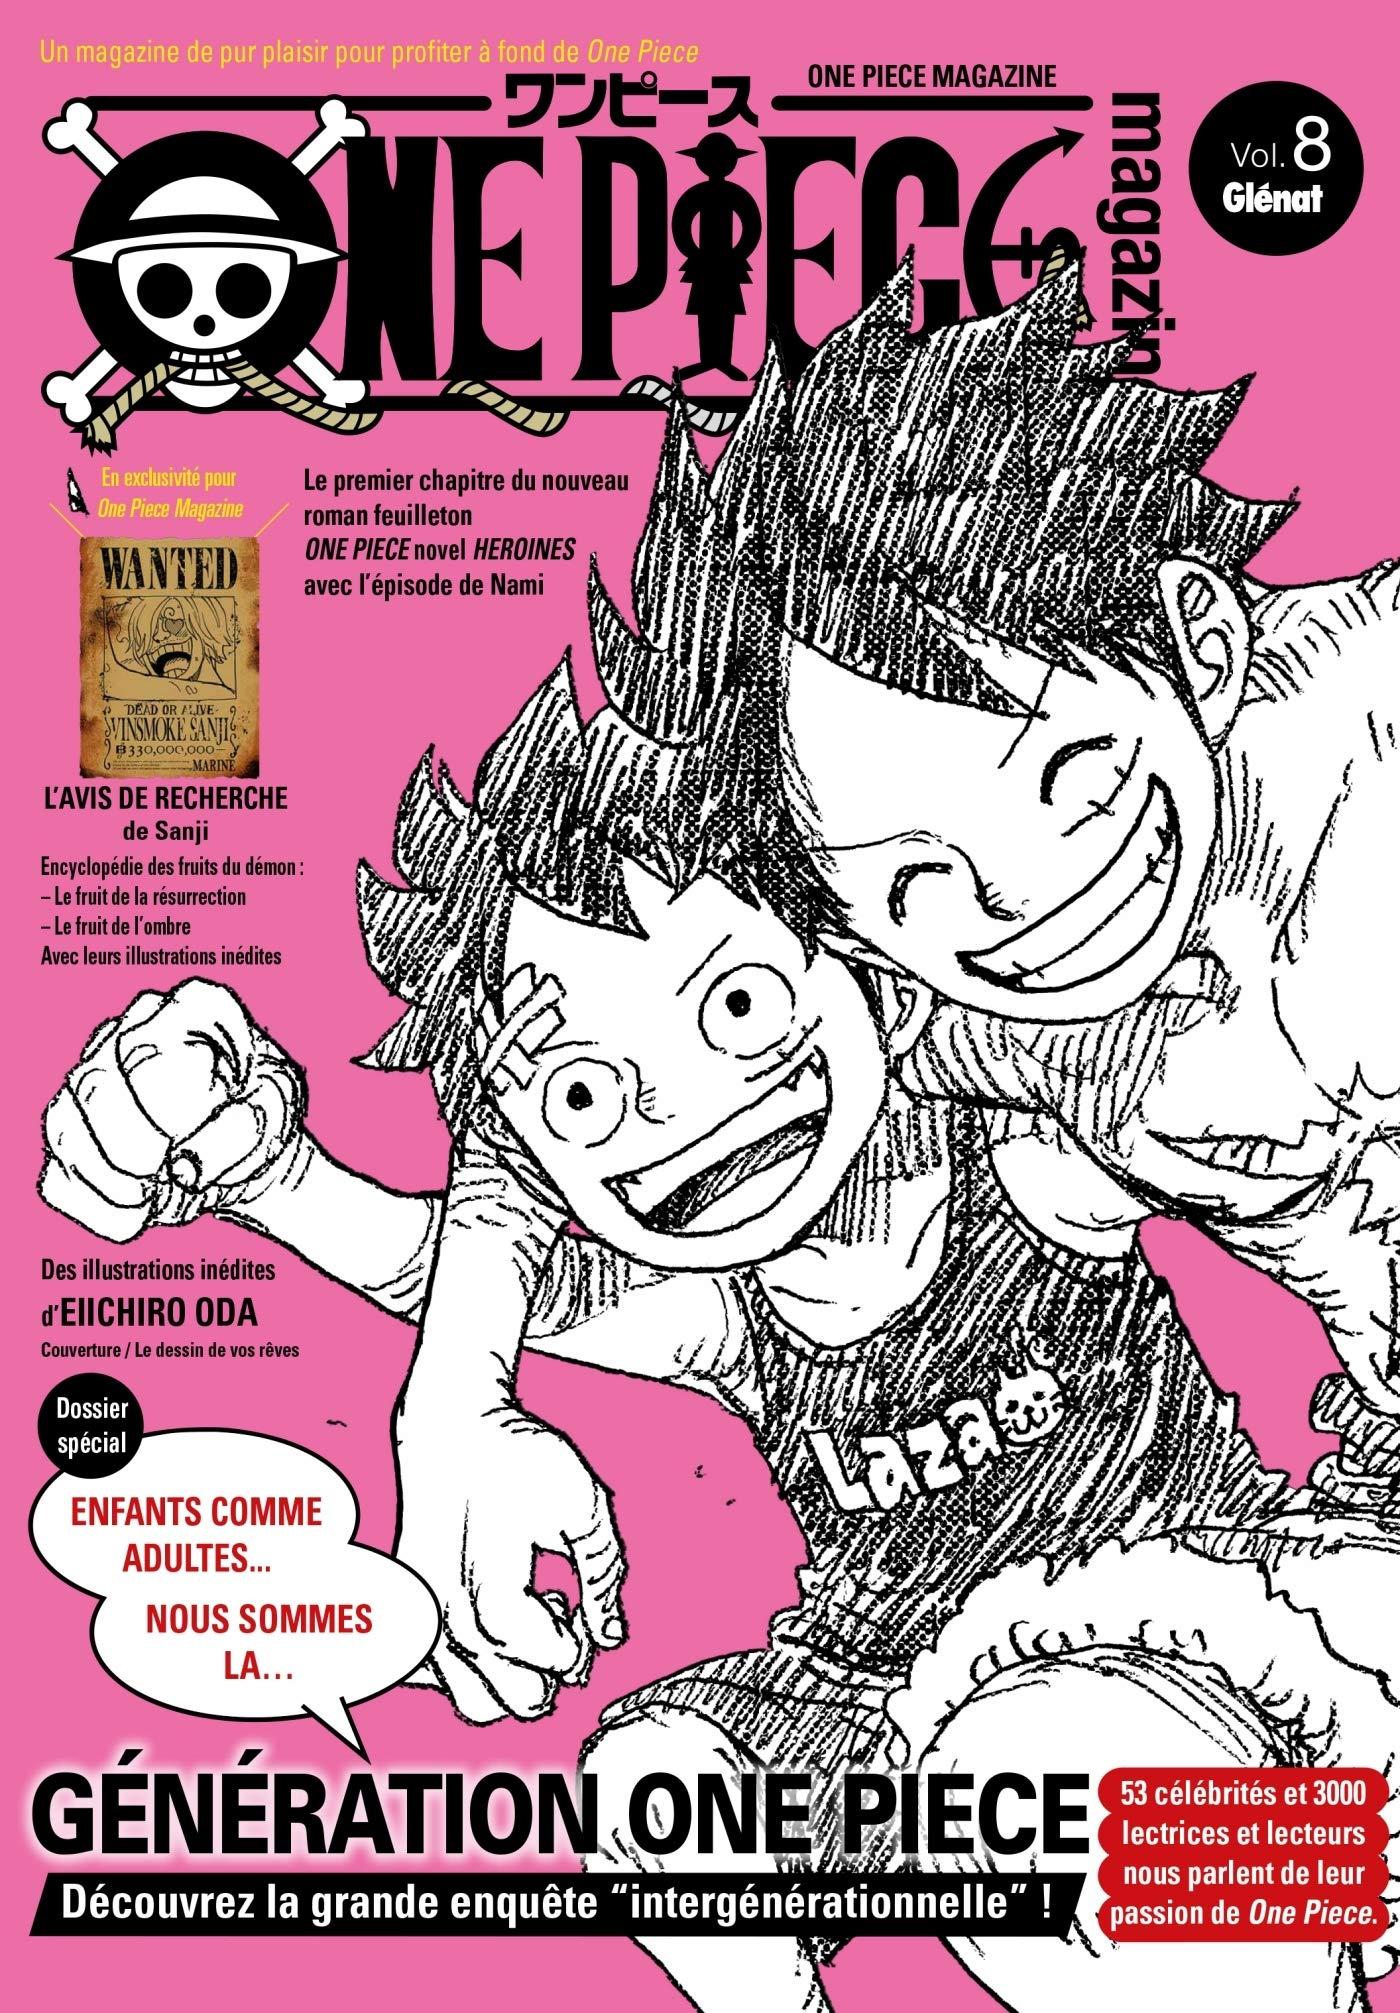 One piece magazine 8